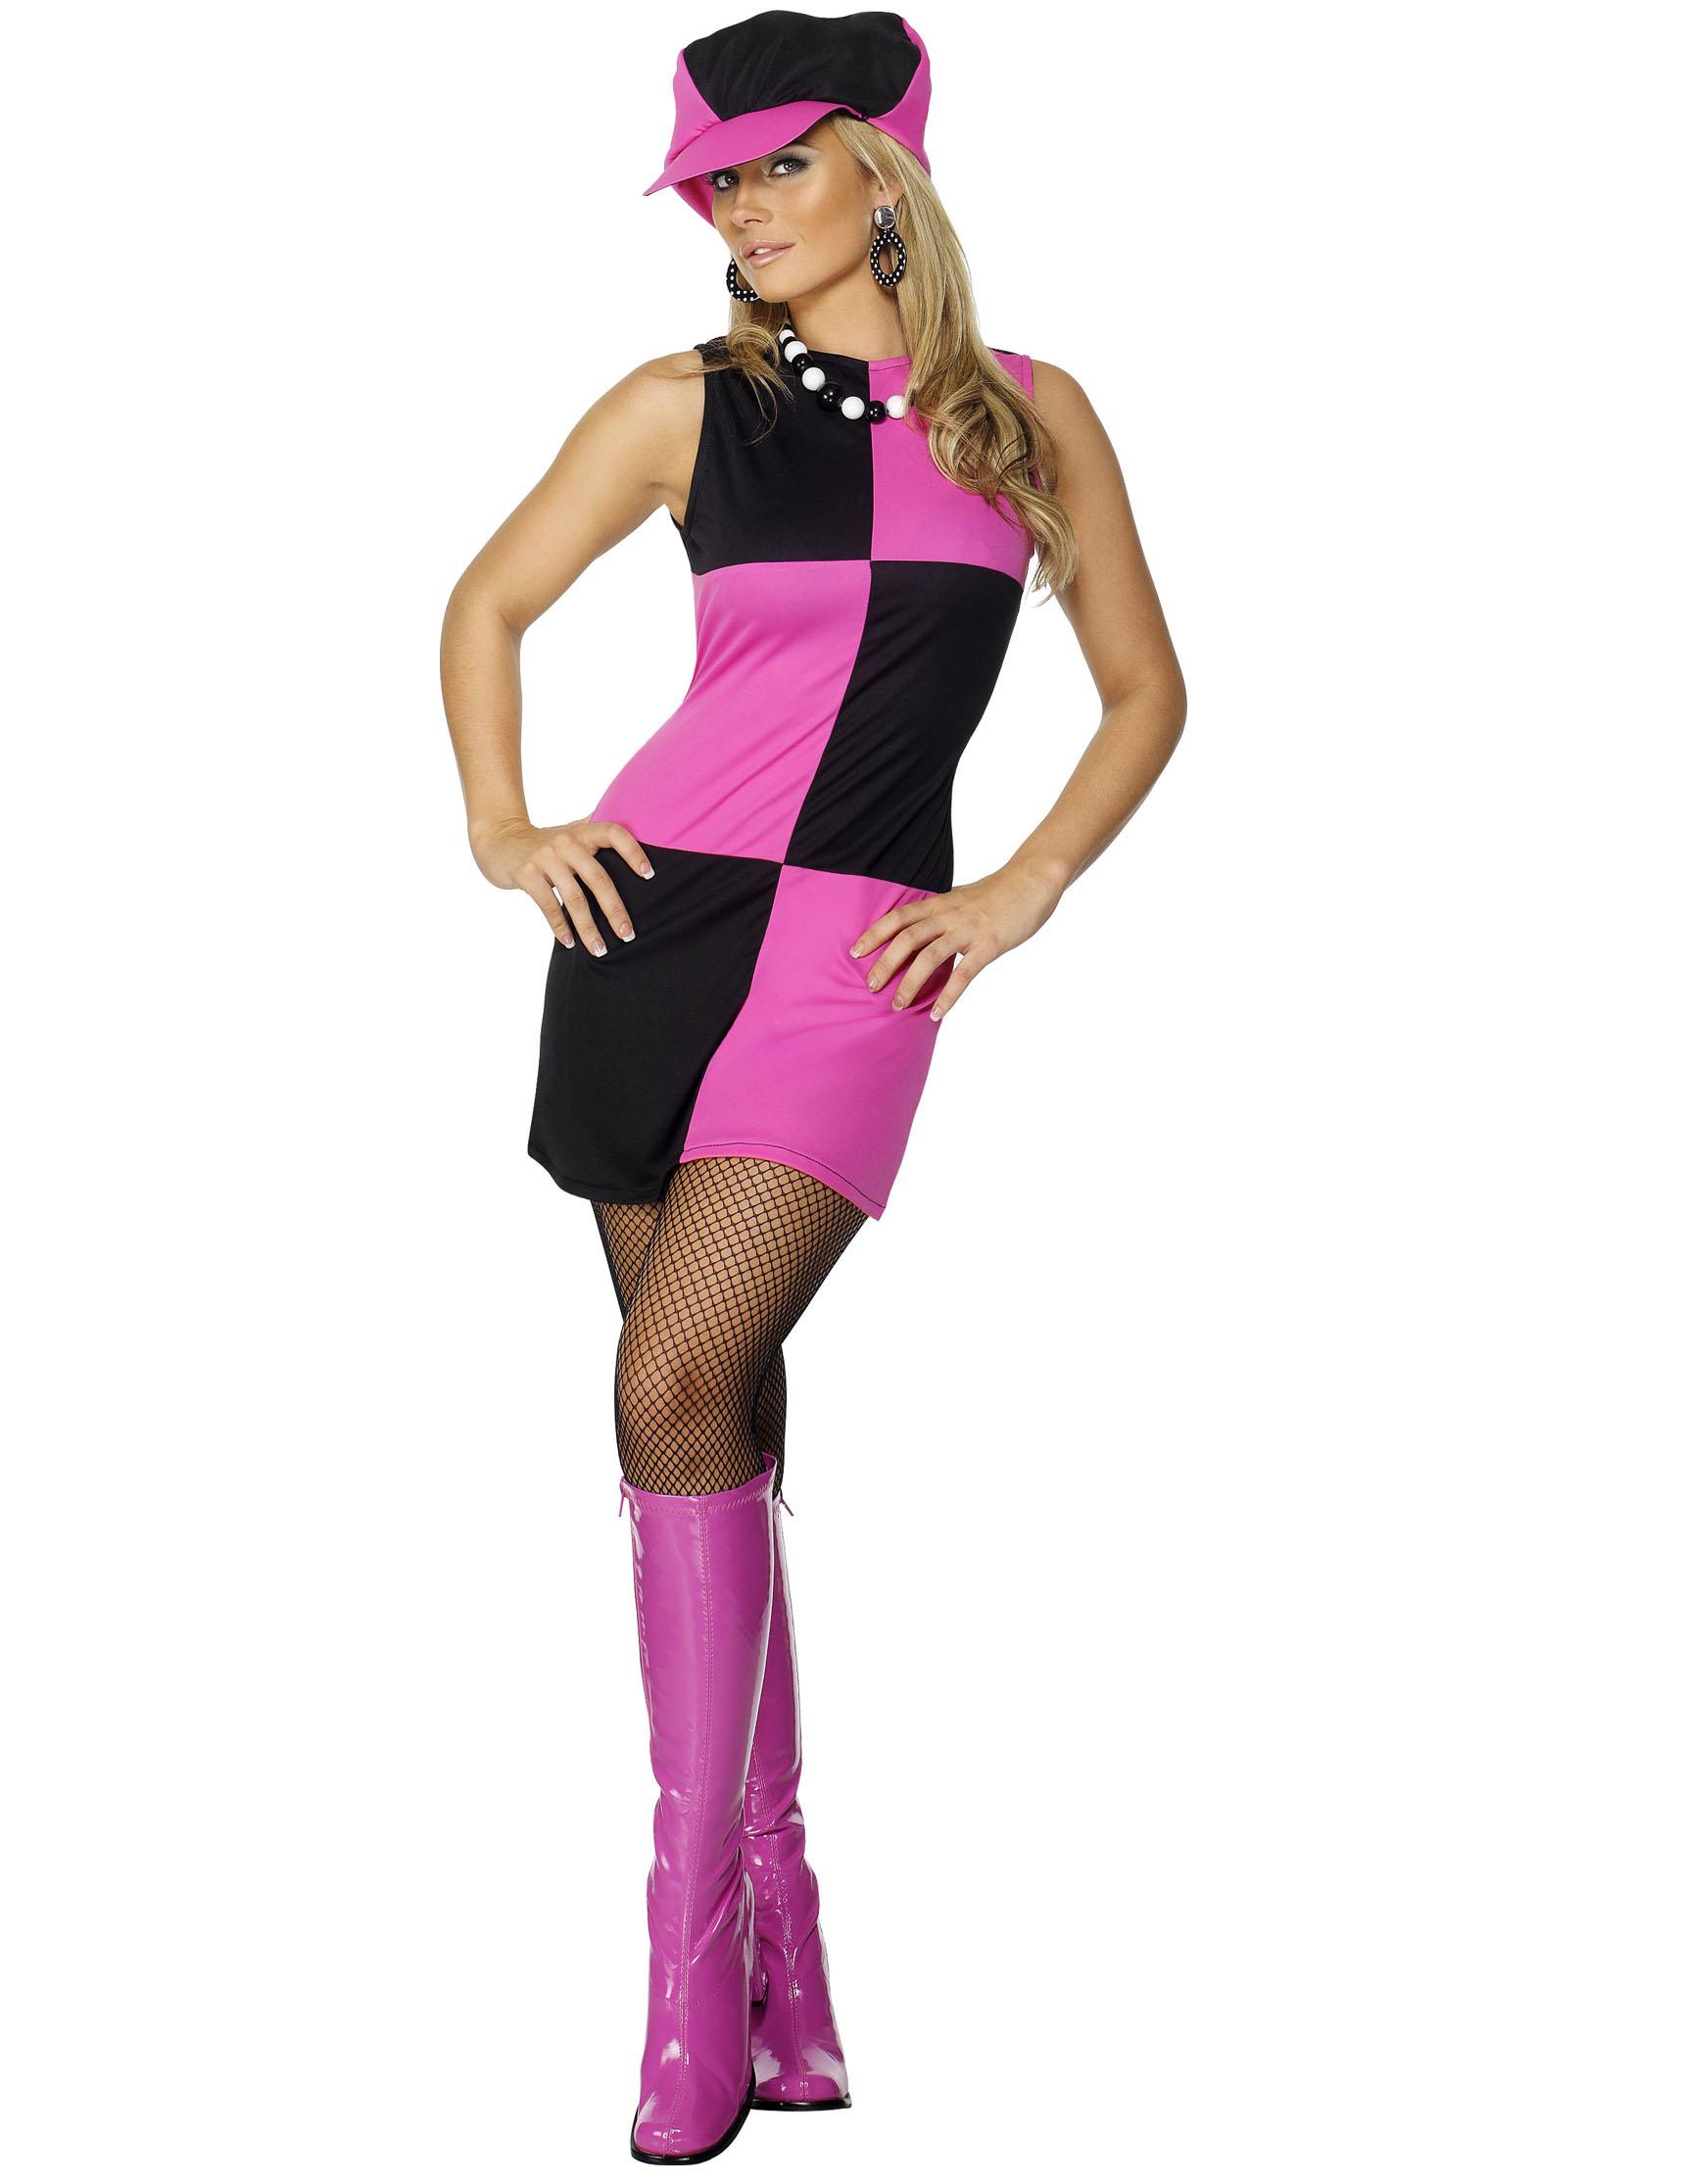 60er jahre disco kost m damen schwarz pink g nstige faschings kost me bei karneval megastore. Black Bedroom Furniture Sets. Home Design Ideas